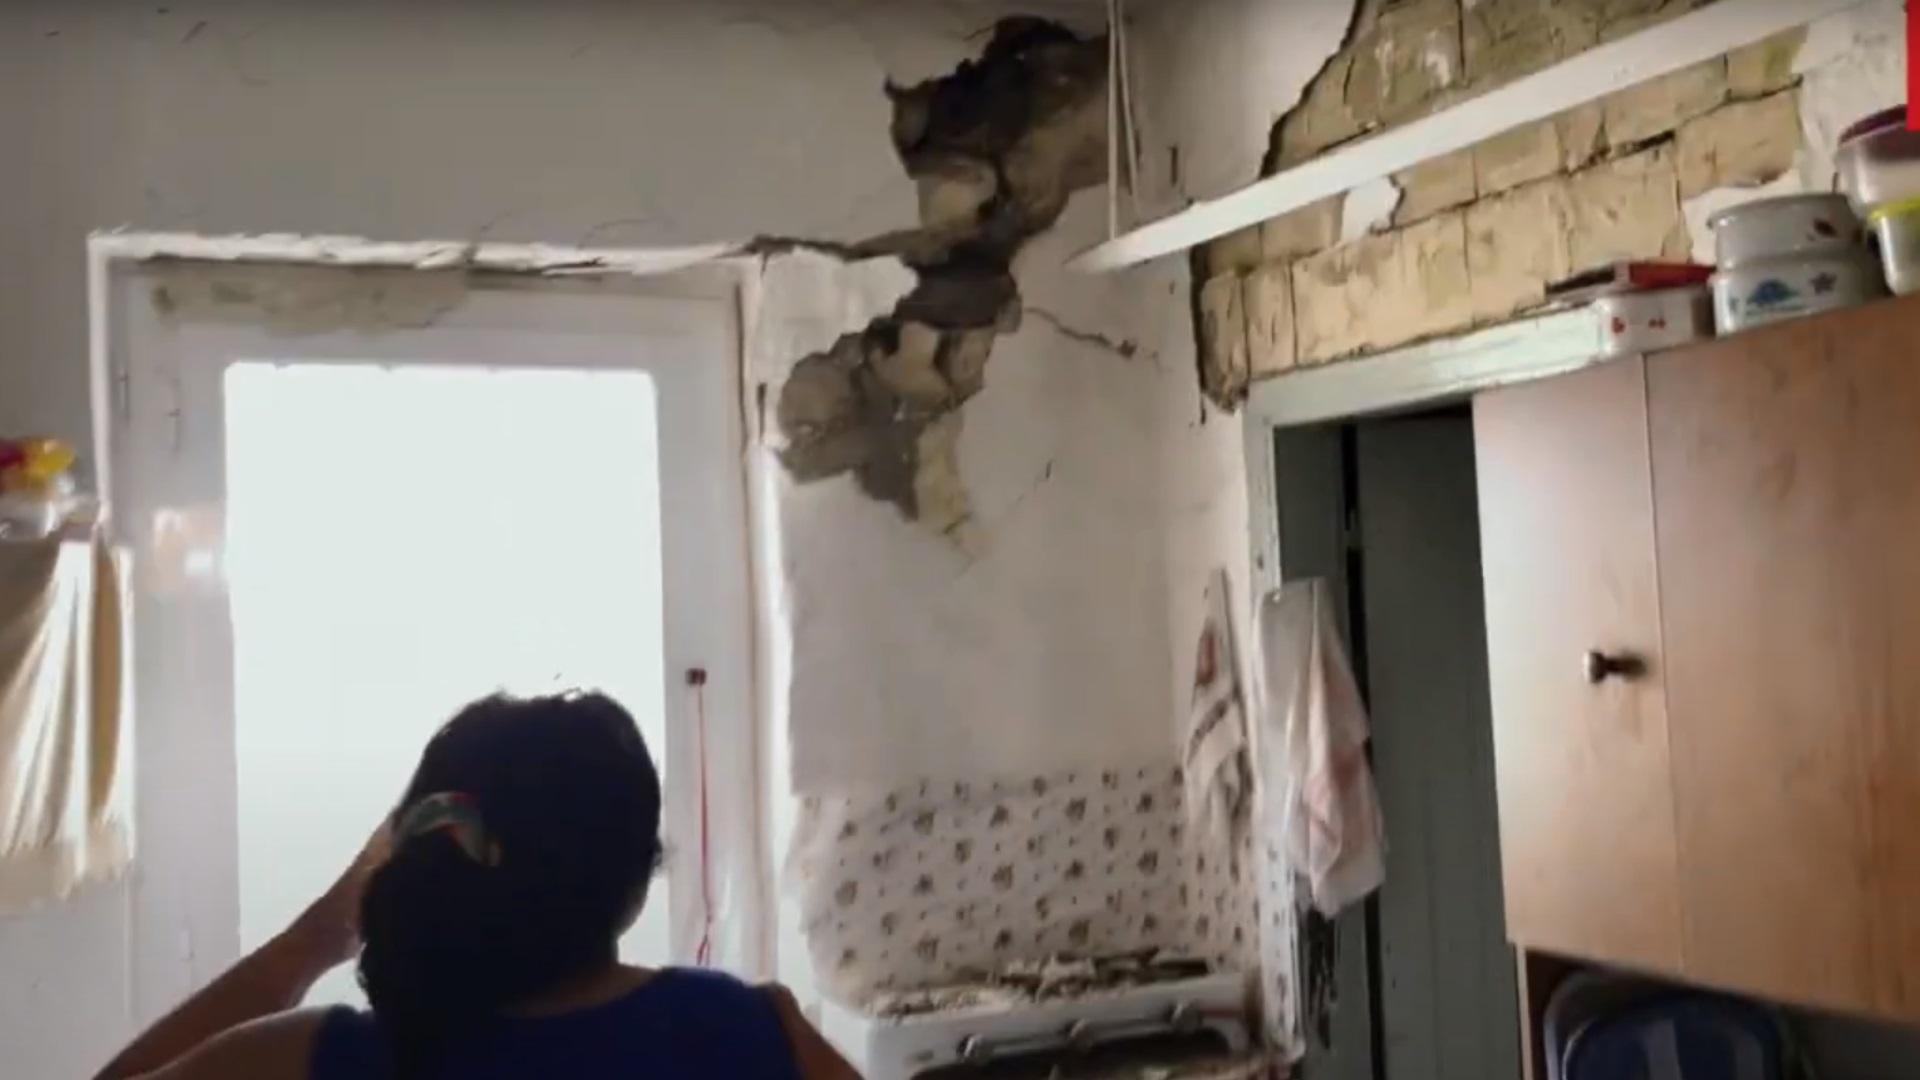 Σεισμός Κρήτη: Καταστροφές σε σπίτια στον οικισμό Σαμπά – Βίντεο με μαρτυρίες